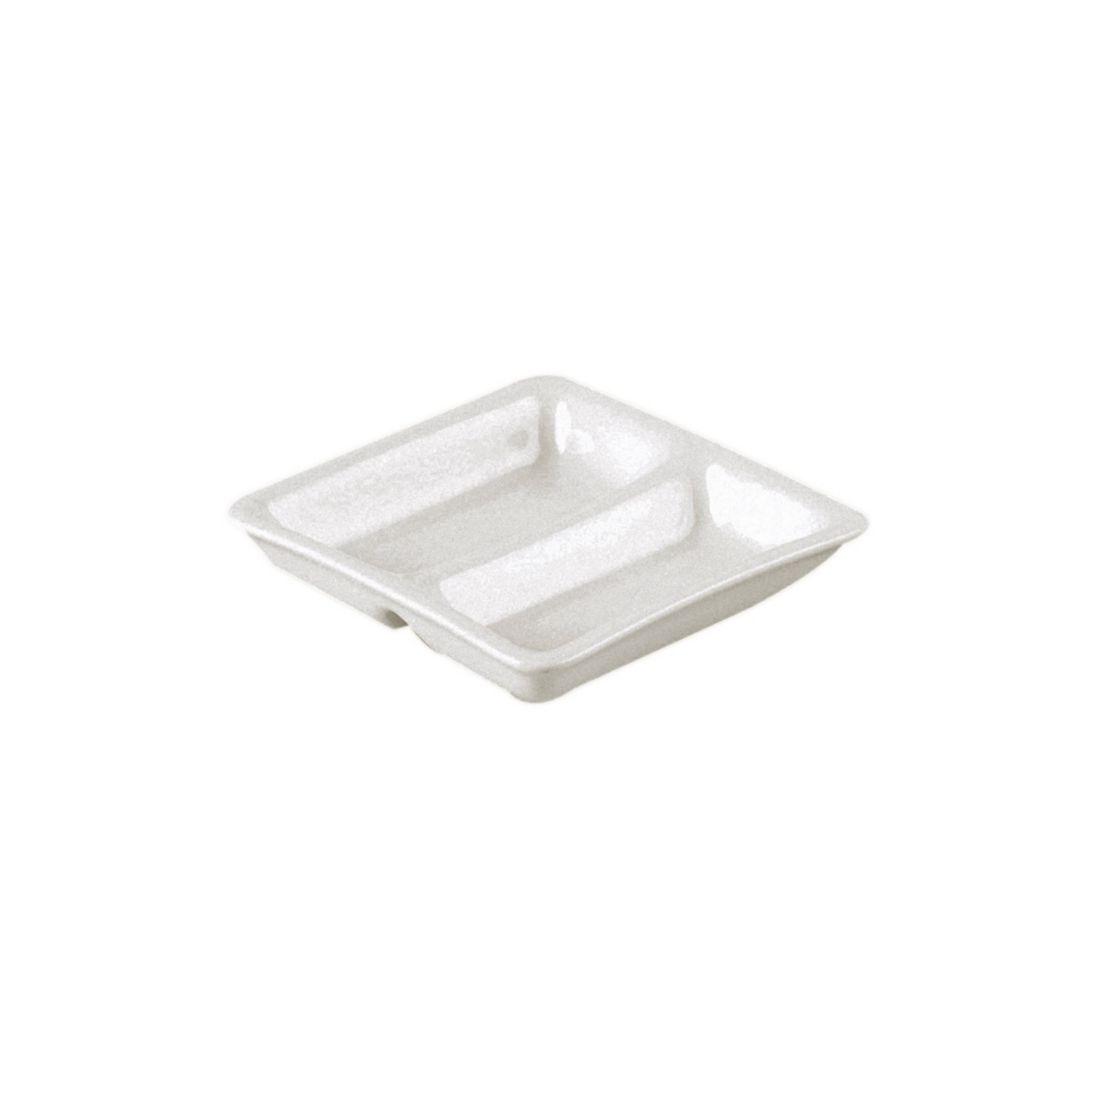 Nano talíř dvoudílný - čtvercový 9 cm